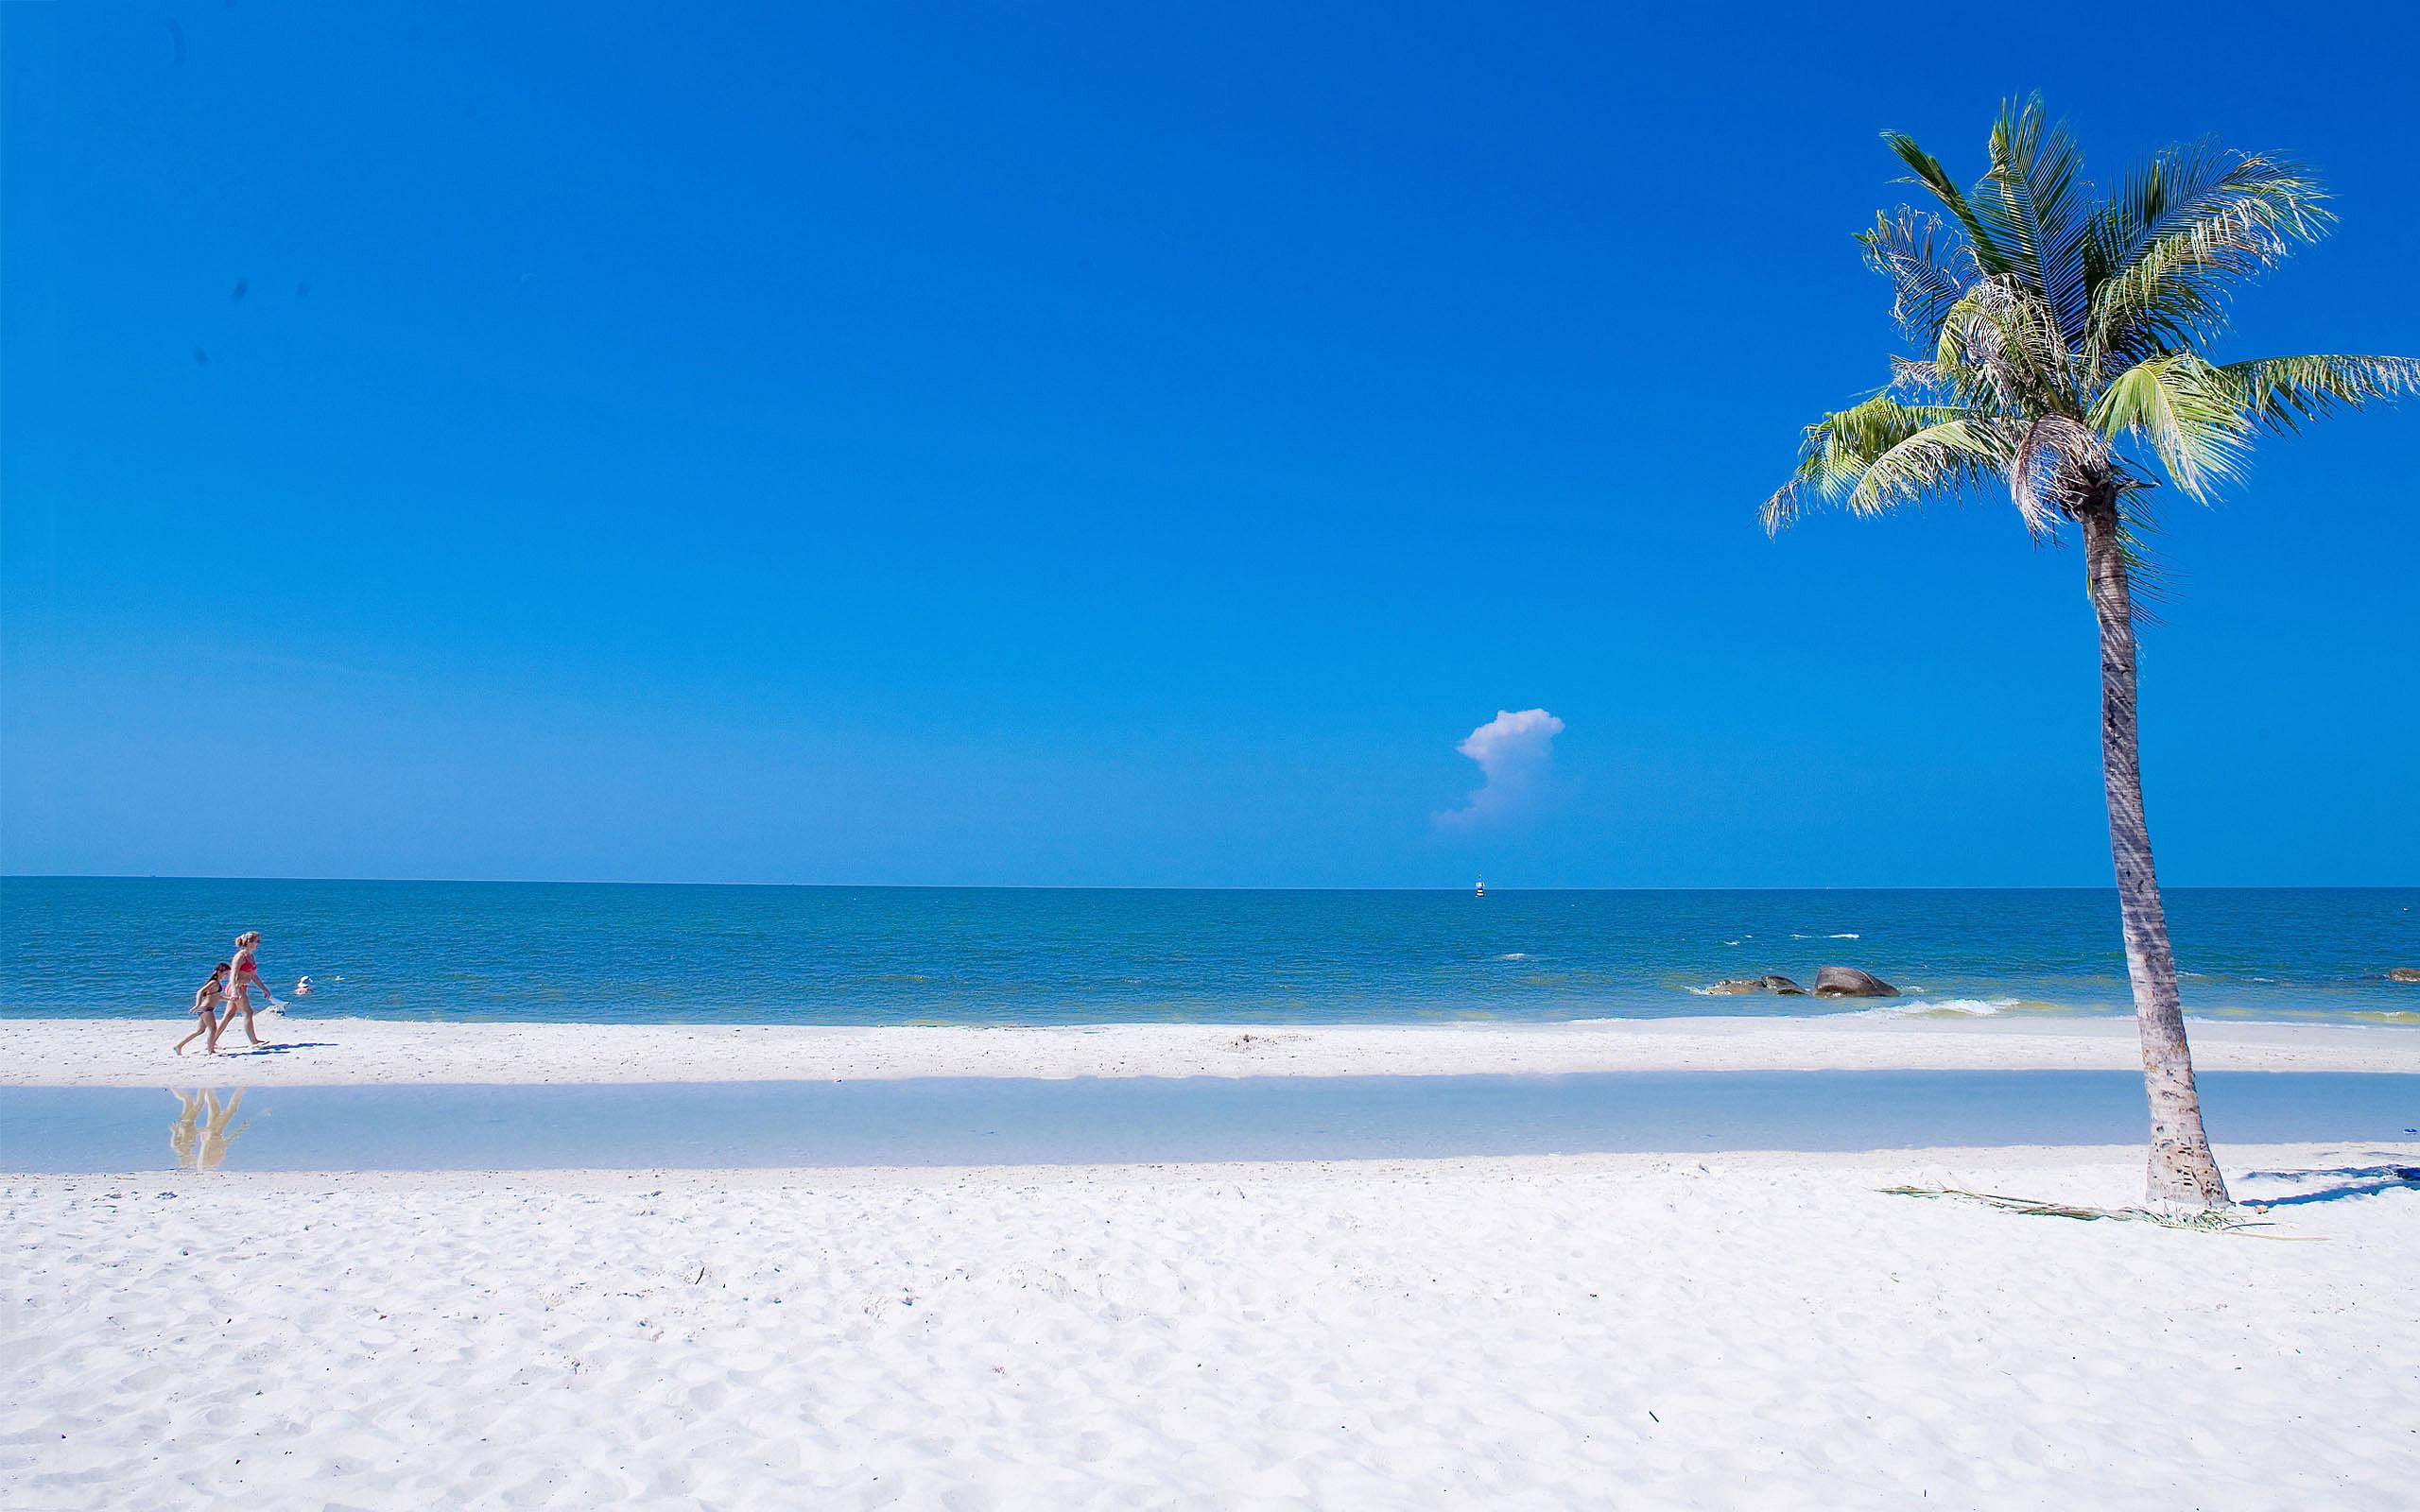 Beach Summer Ocean